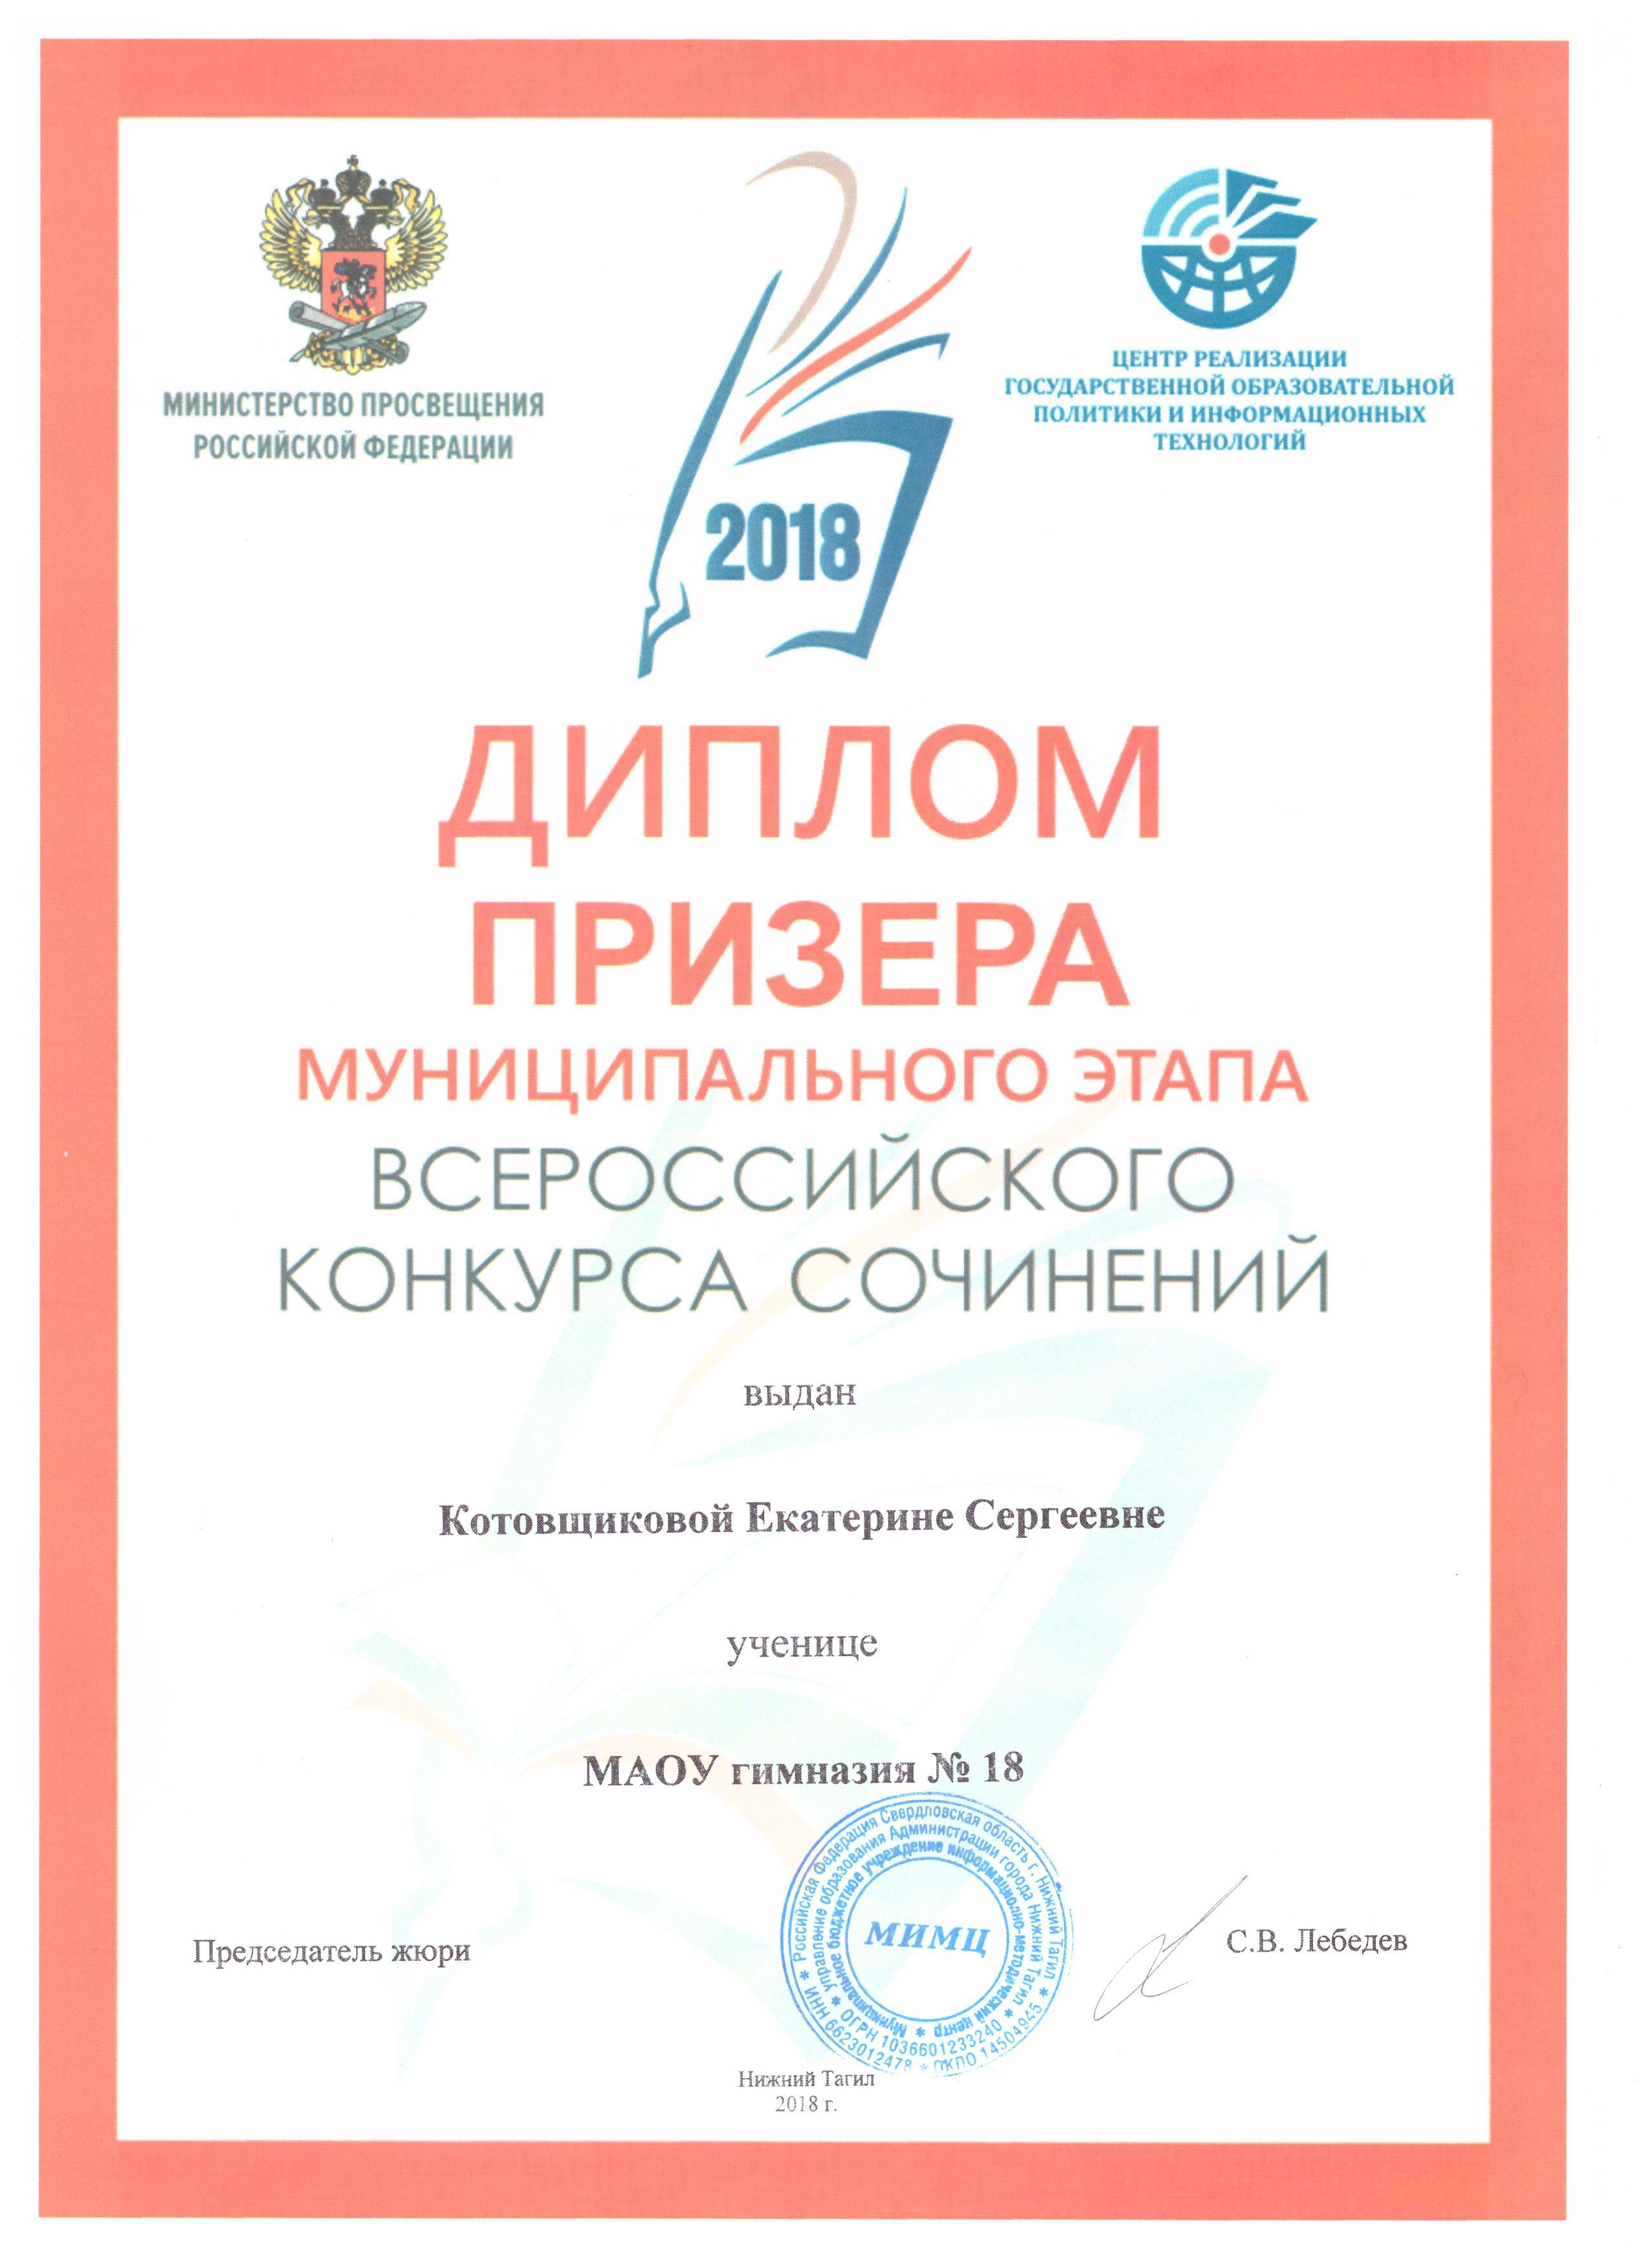 Котовщикова. Всерос. конк. соч. 2018